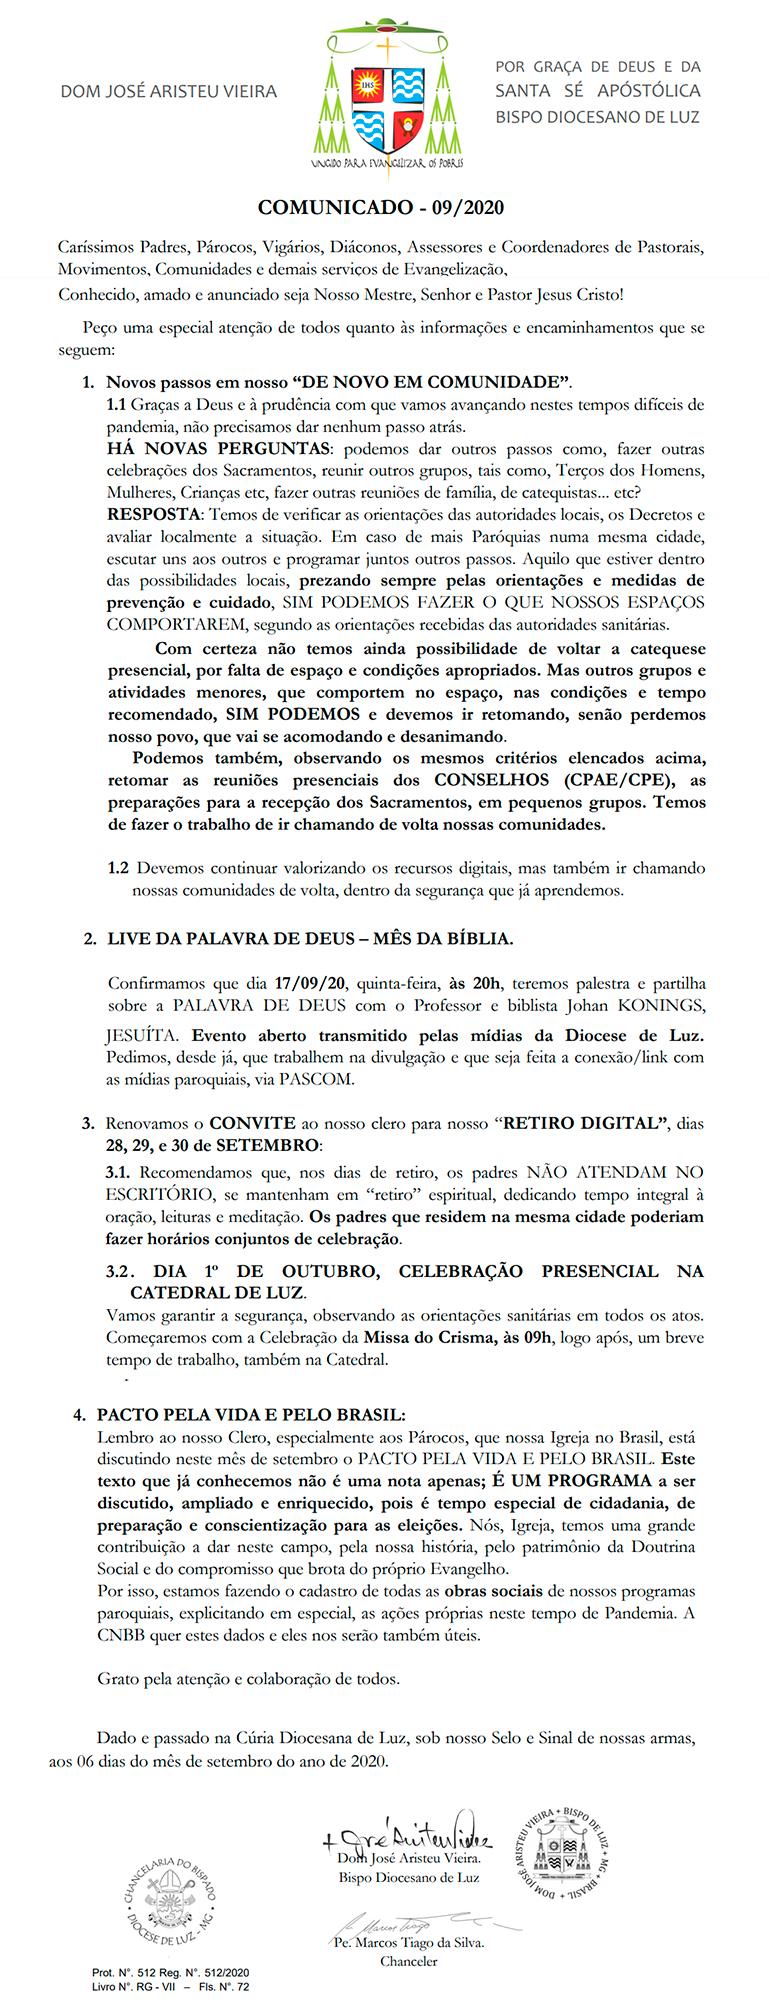 comunicado+092020-A